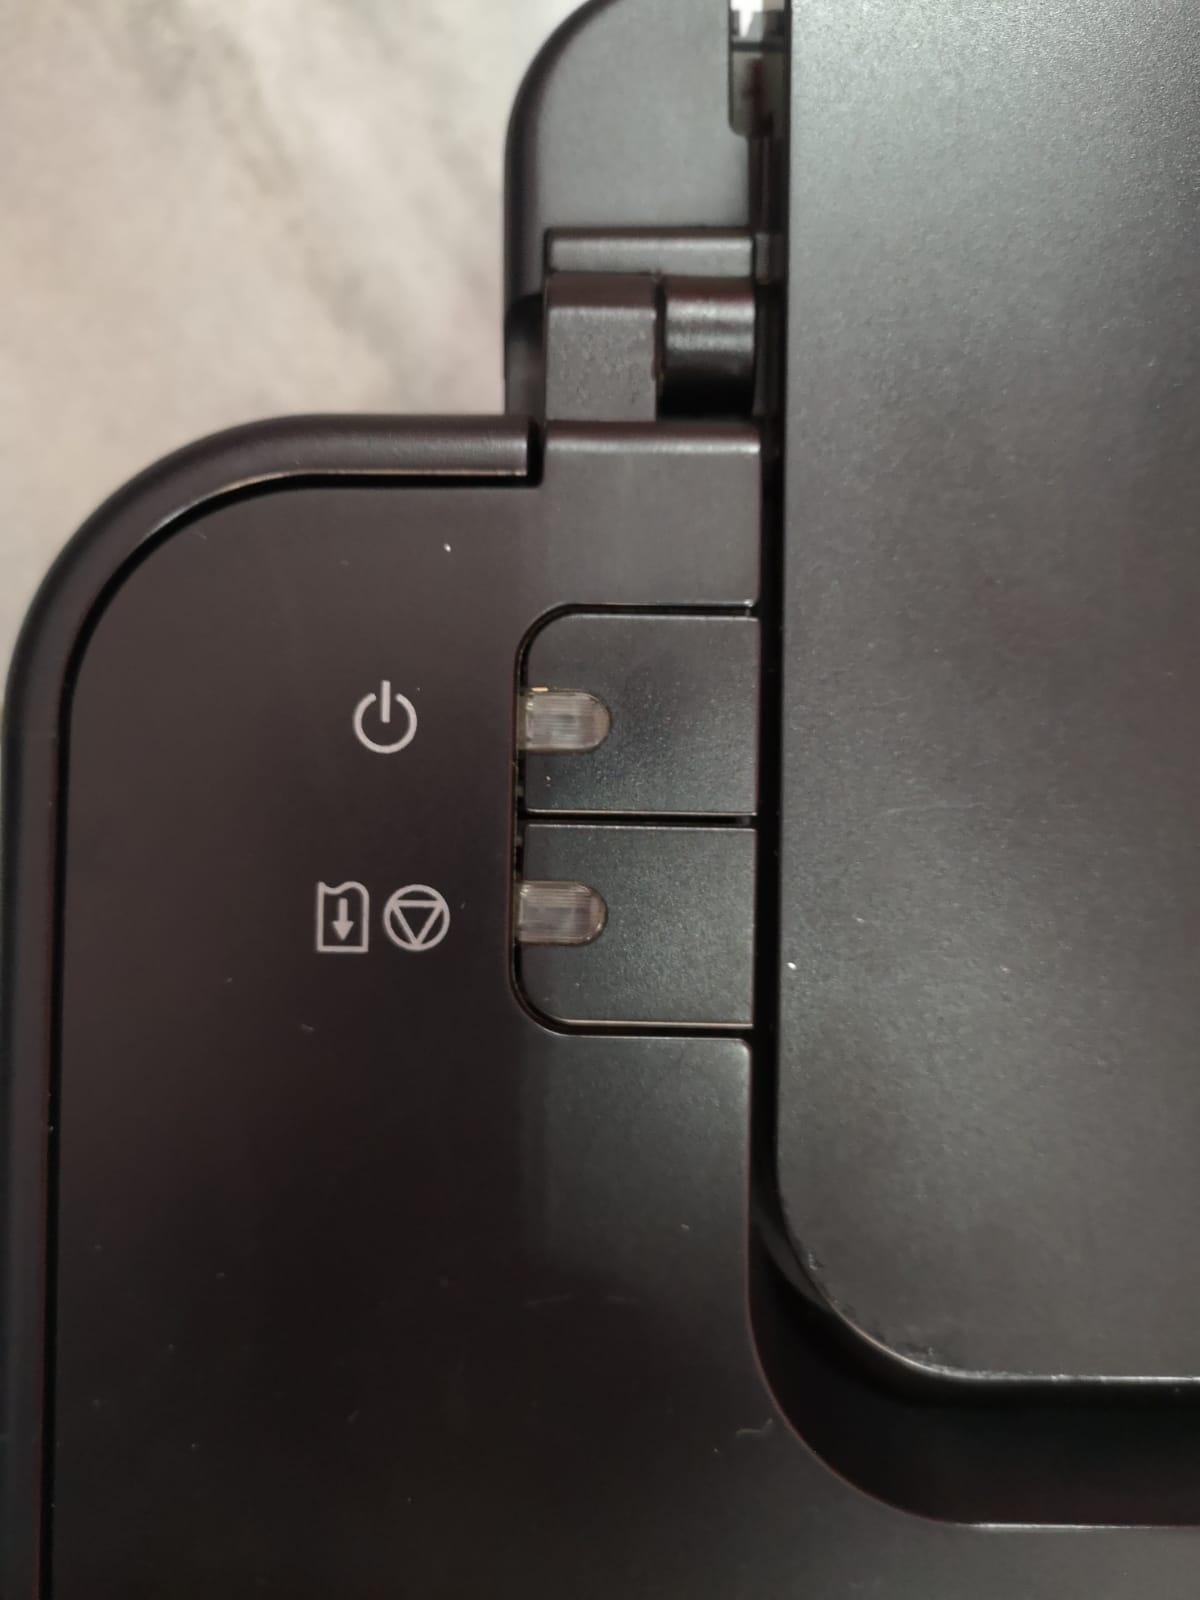 Canon Pixma ip1900 Colour Printer